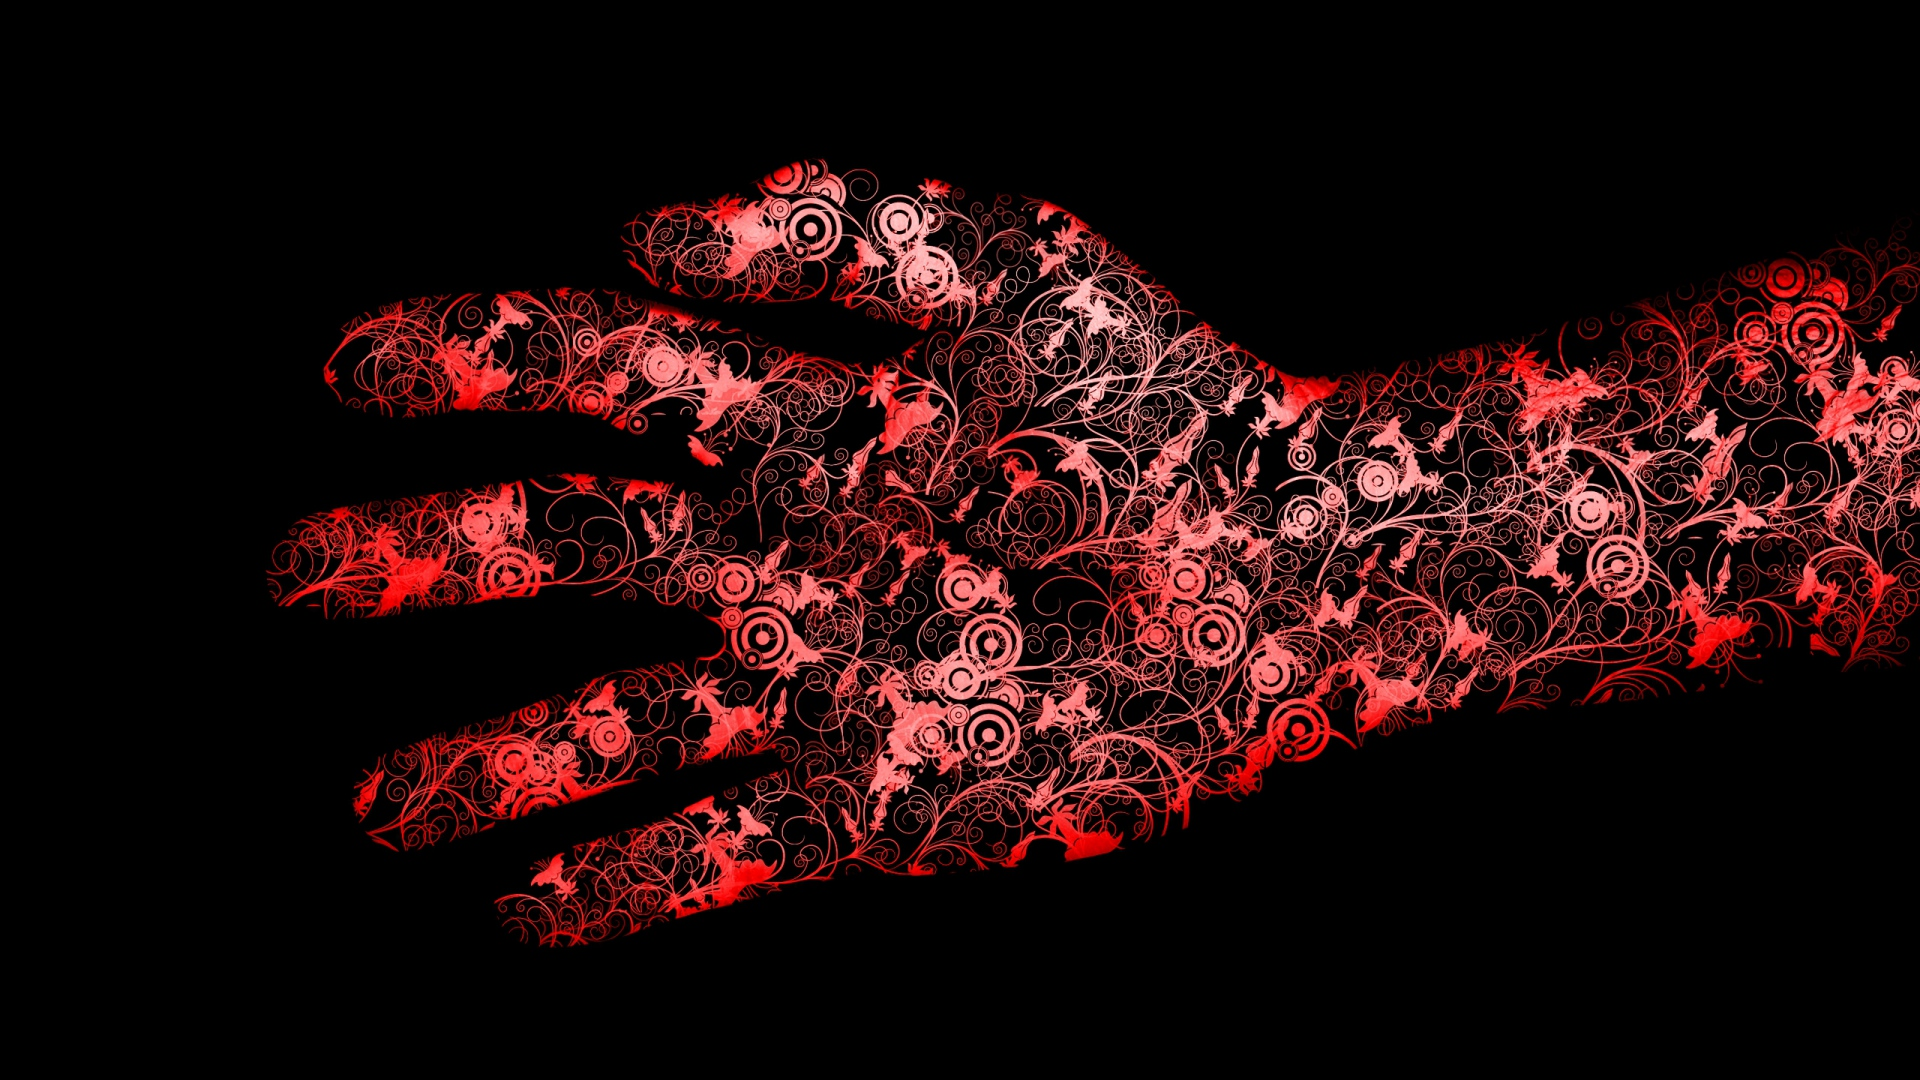 49+ Black and Red 1080p Wallpaper on WallpaperSafari